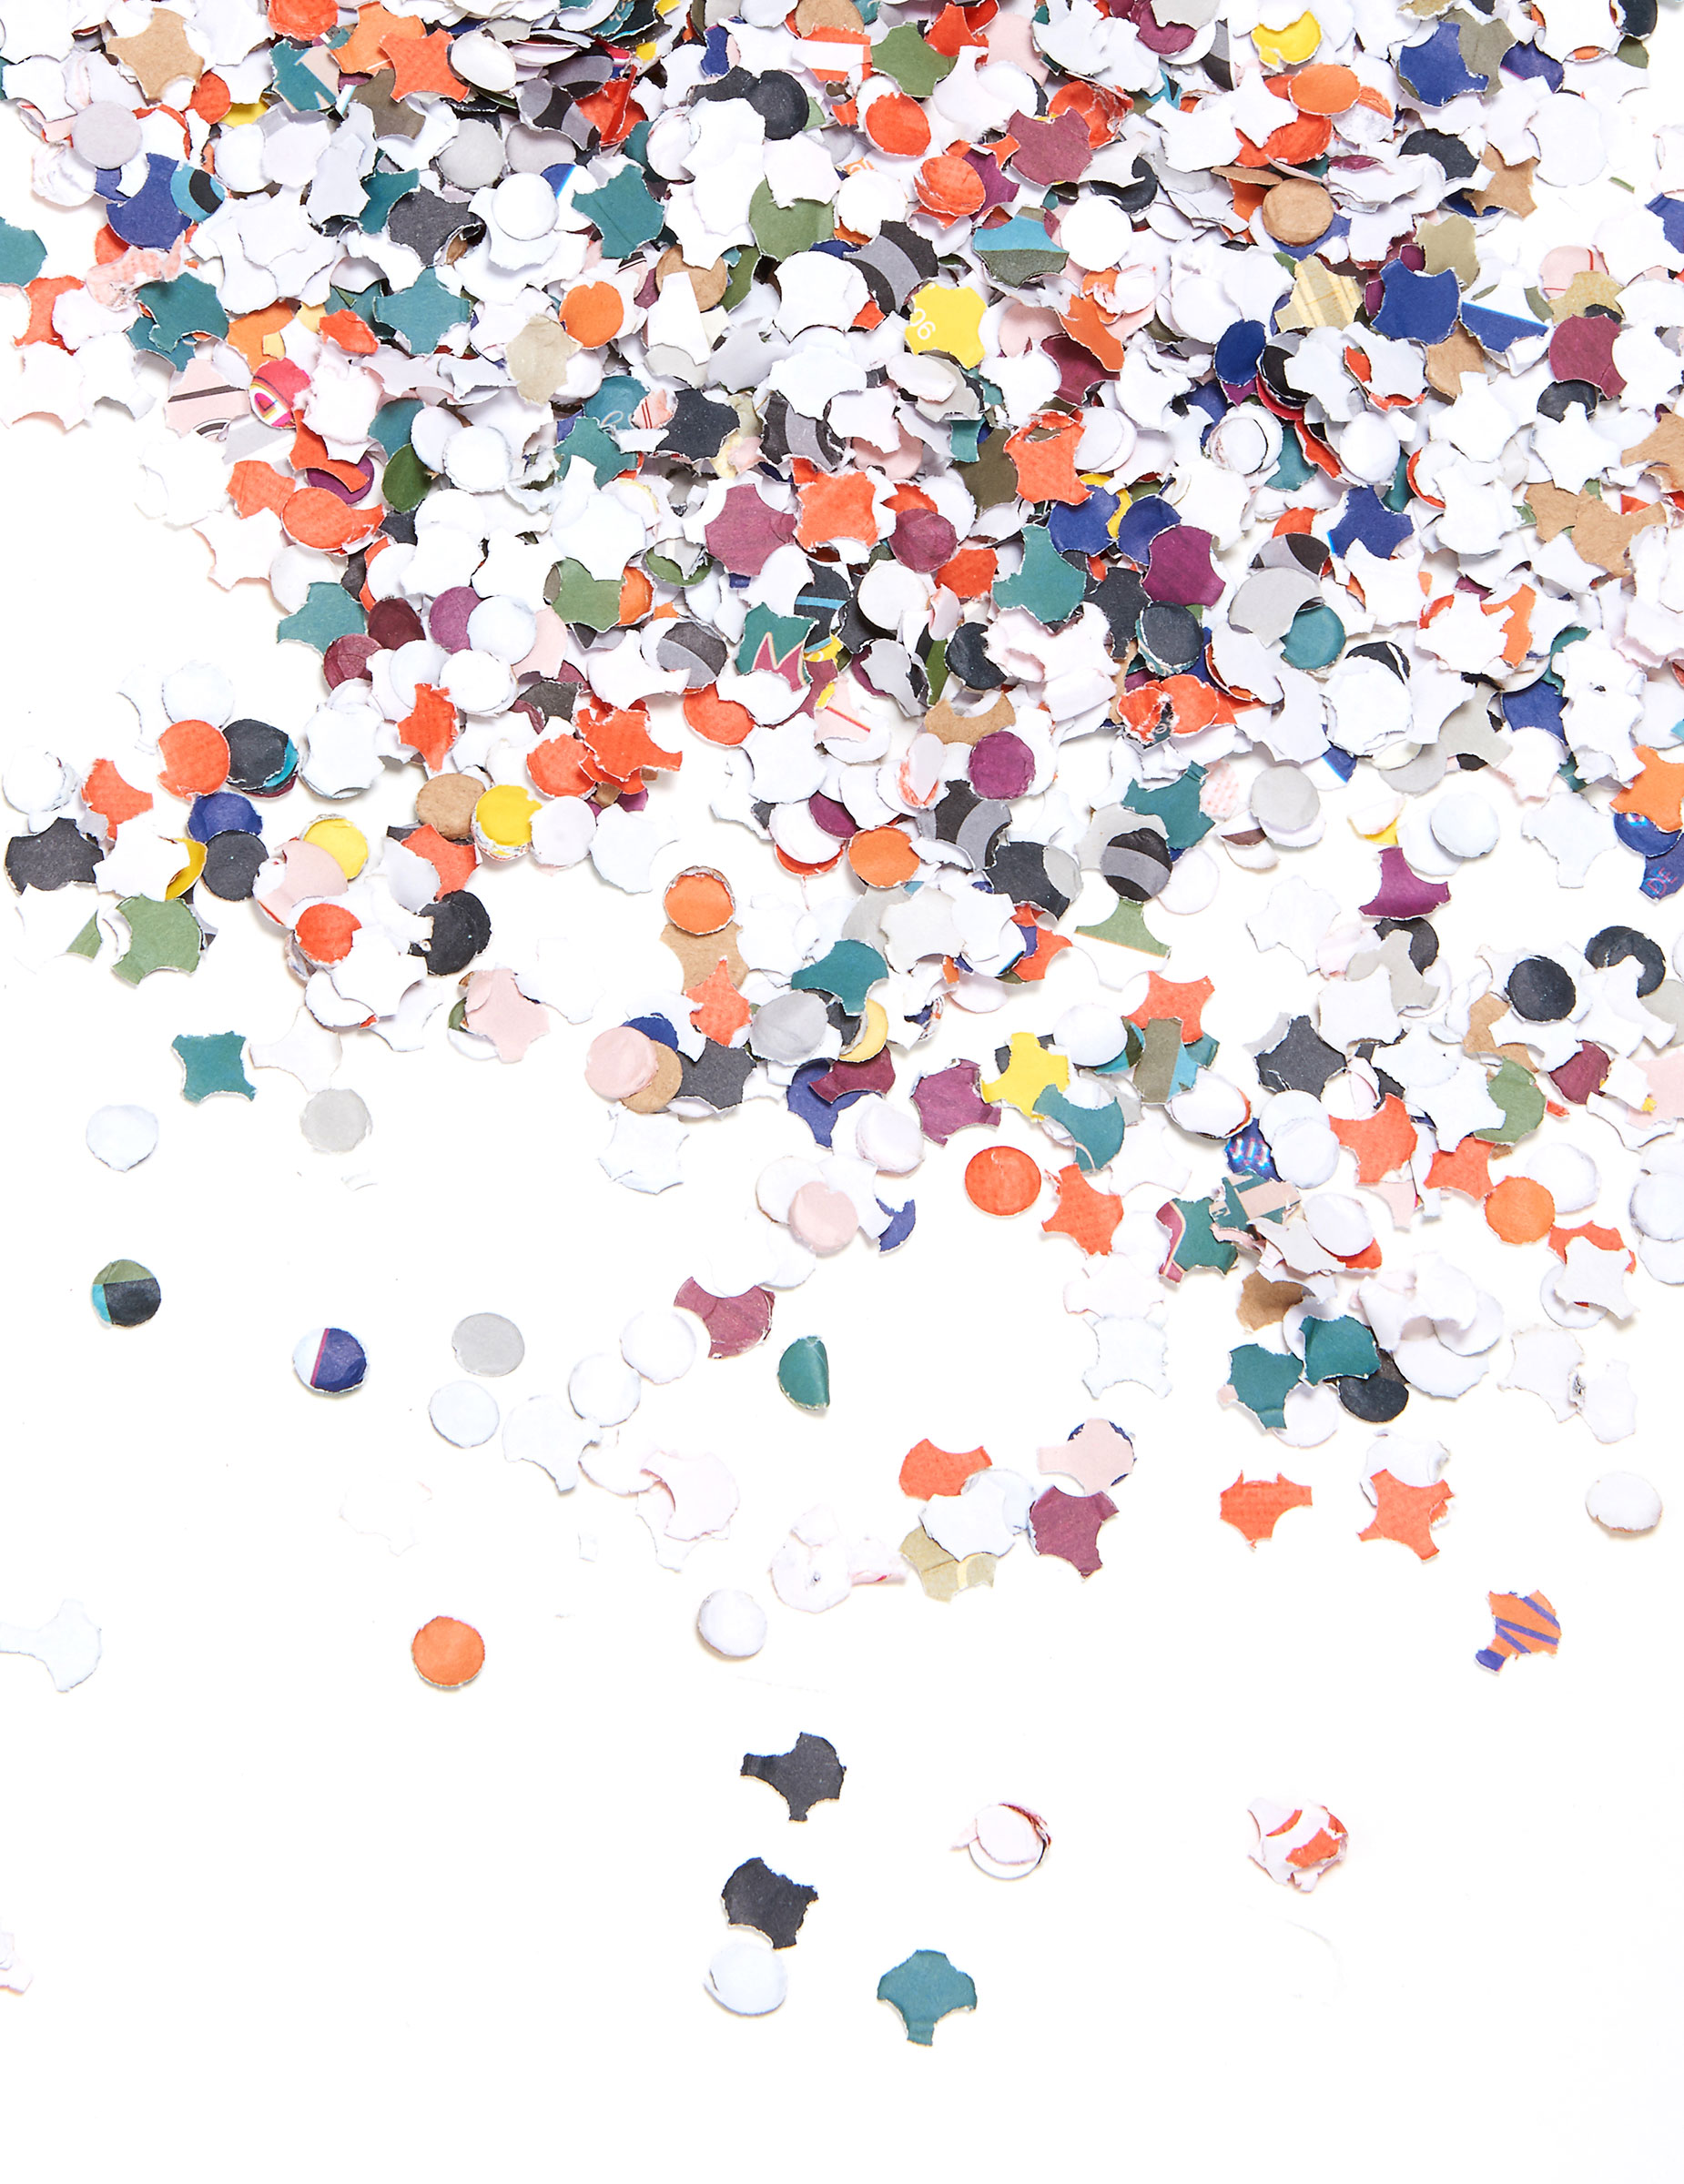 Grossiste Confettis Grosse Quantit Pour Carnaval Et F Tes